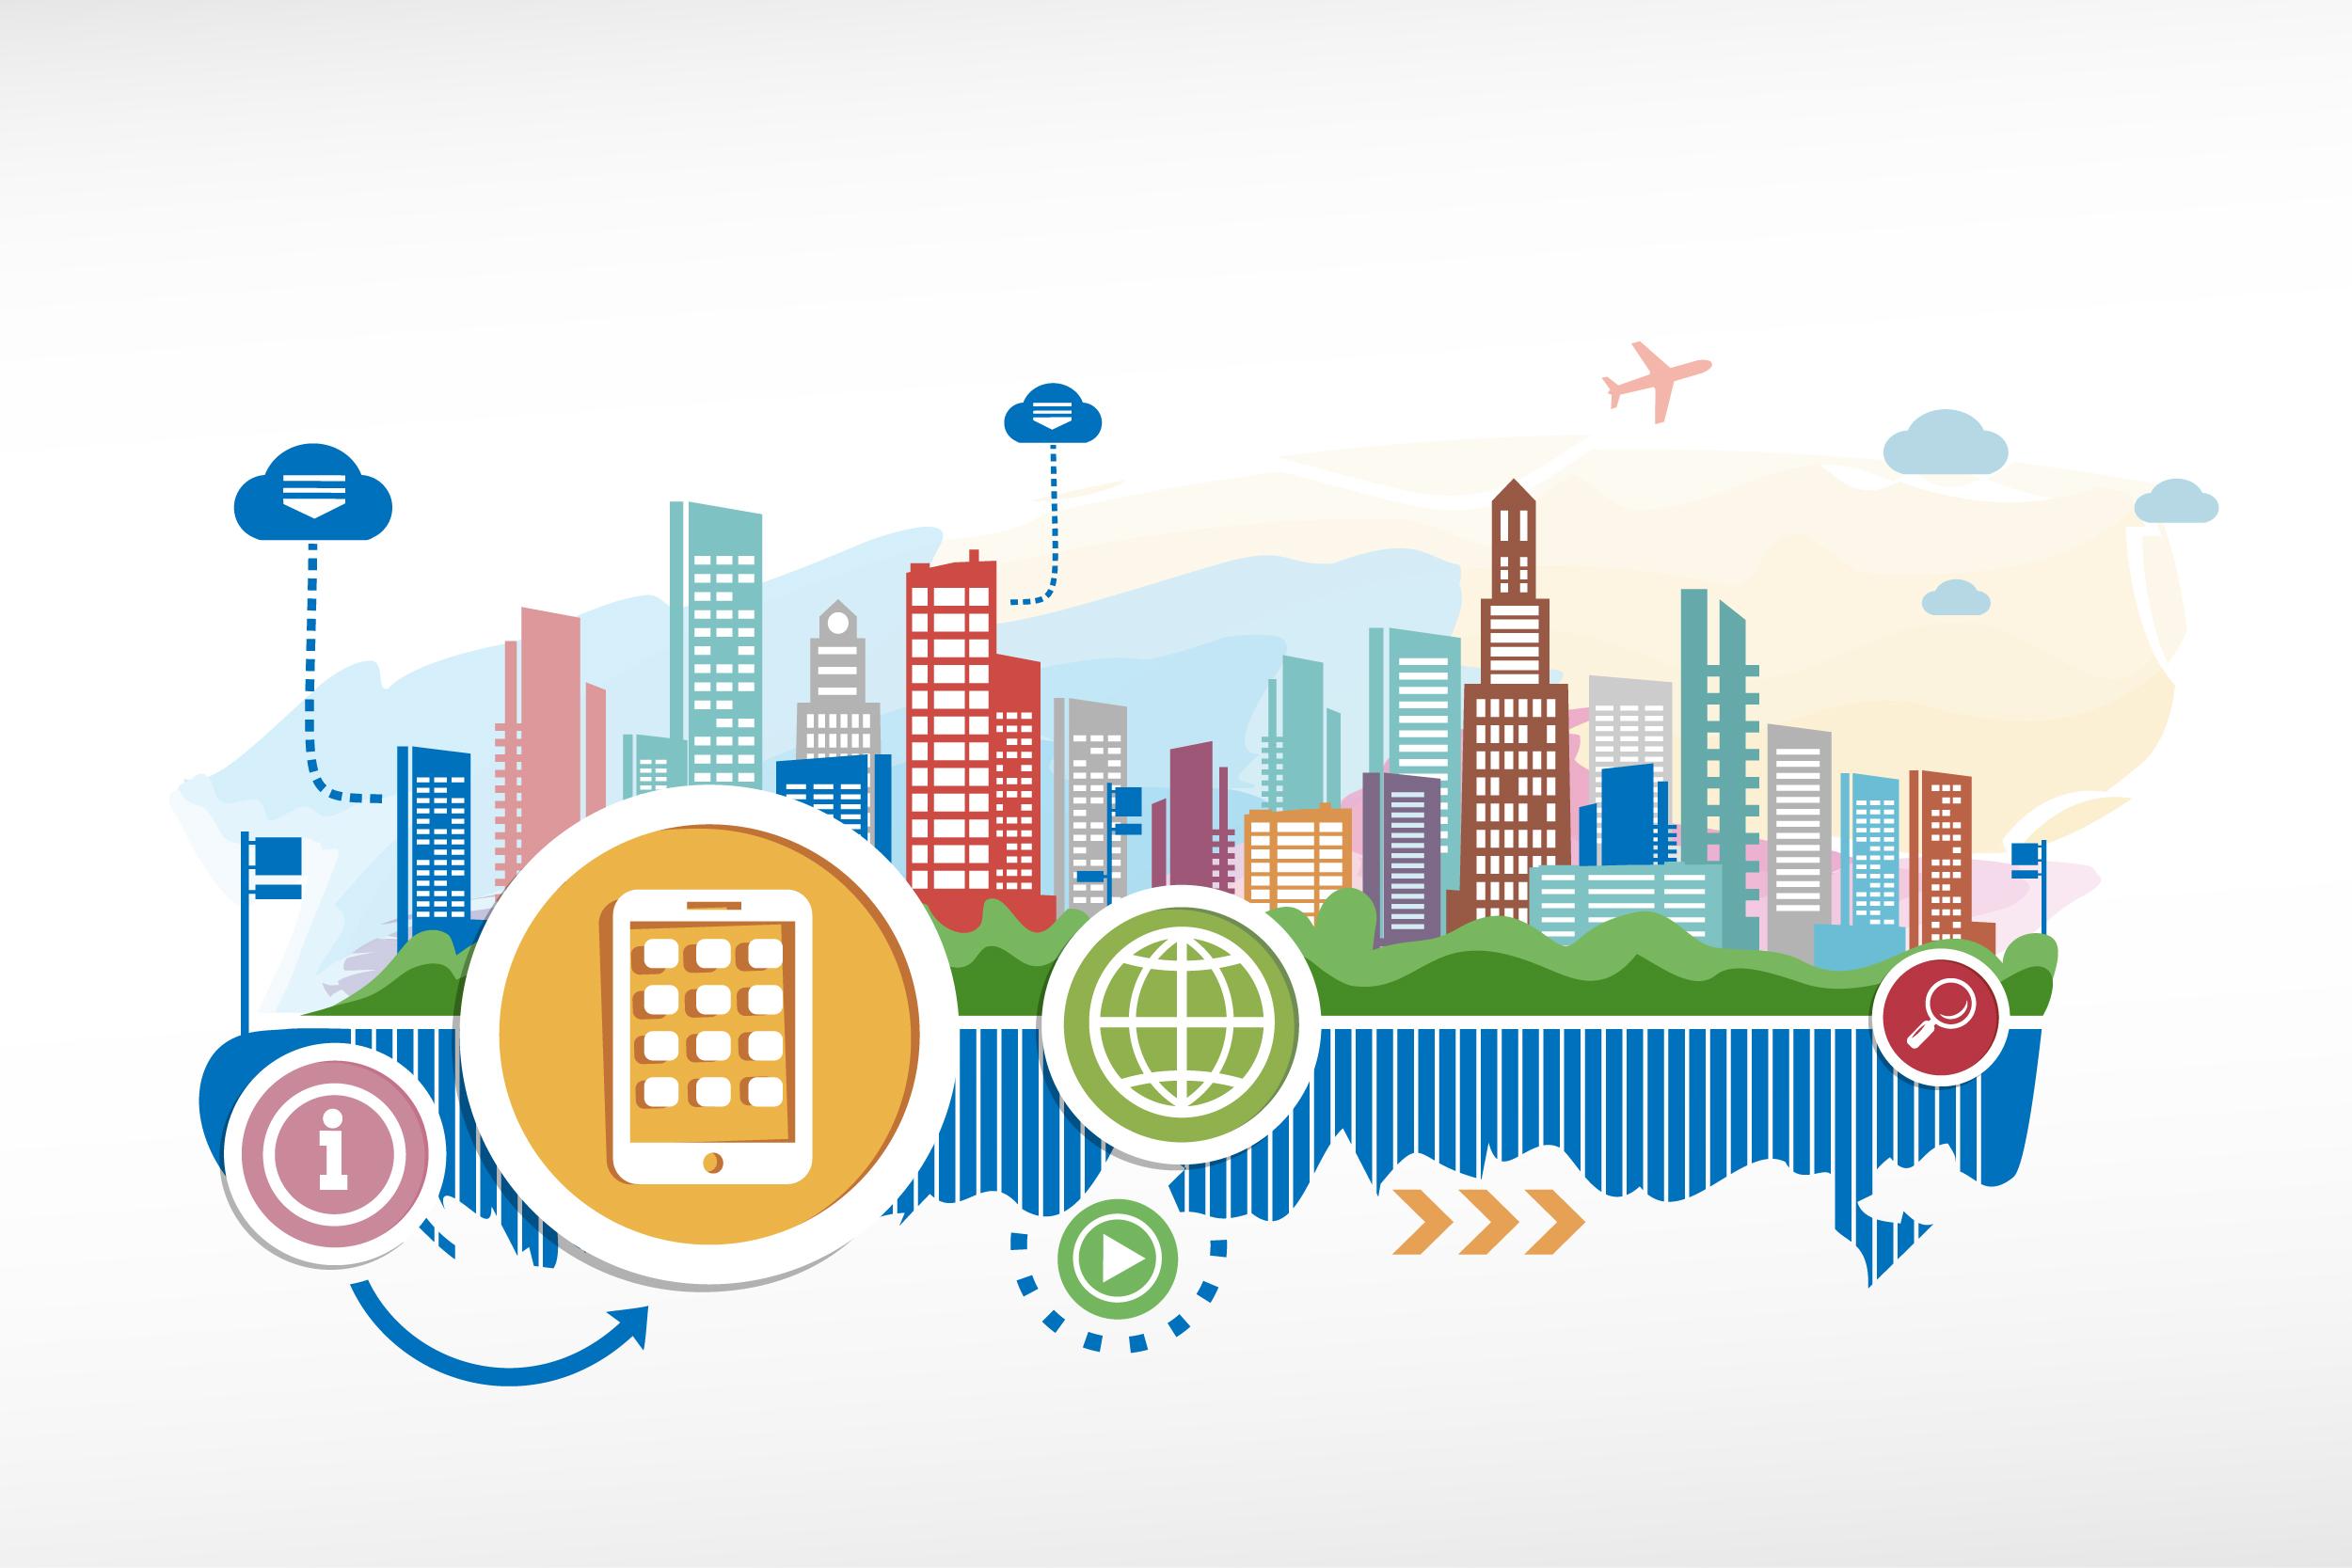 ciudades-inteligentes